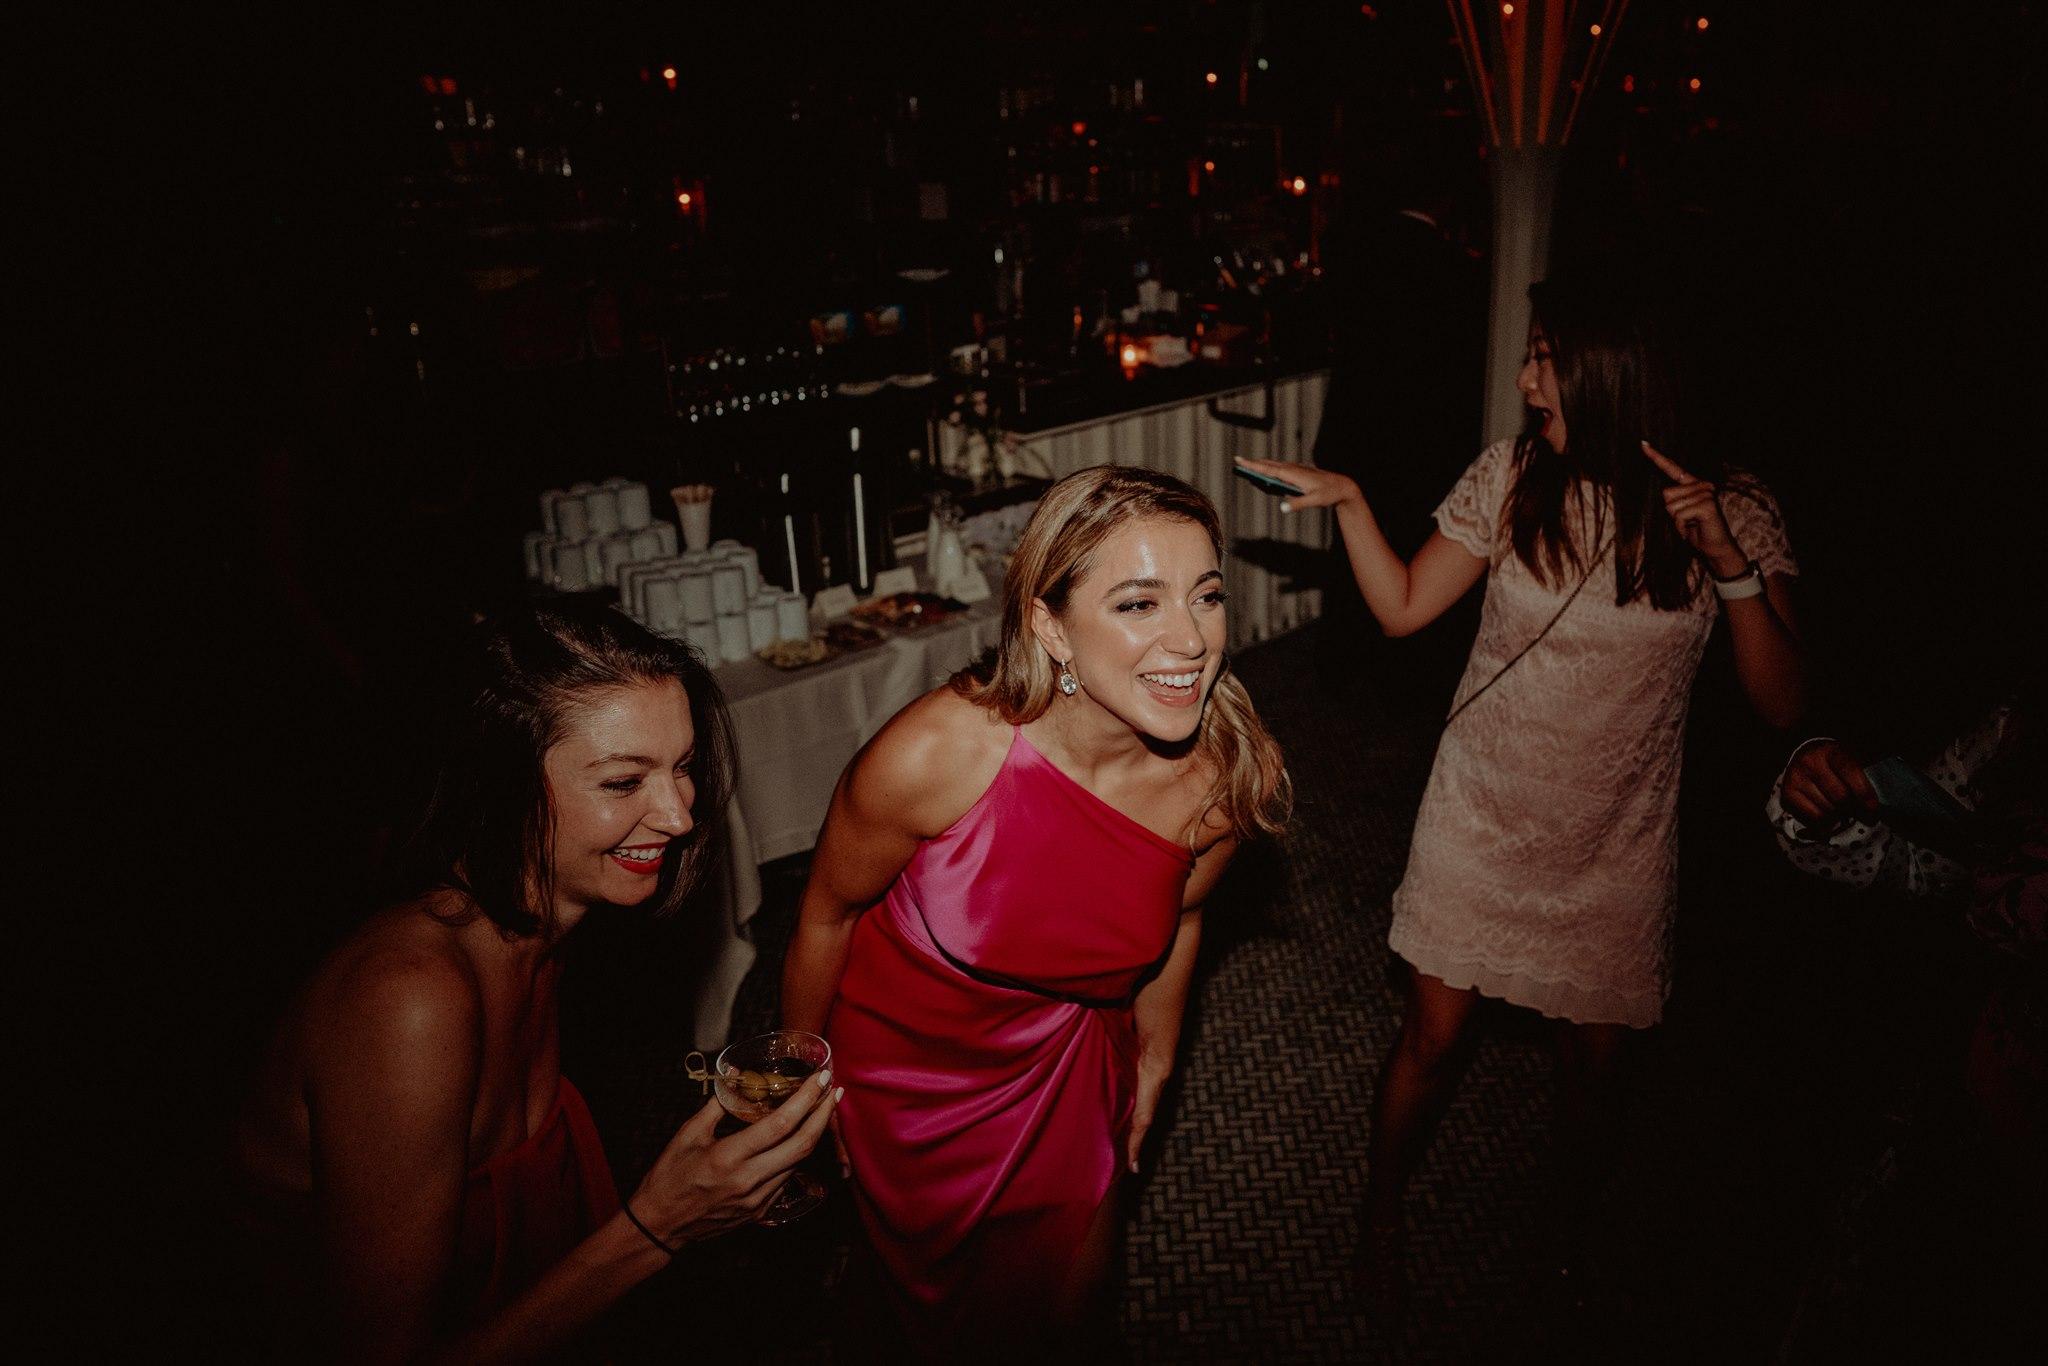 Chellise_Michael_Photography_Ramona_Brooklyn_Wedding_Photographer-648.jpg